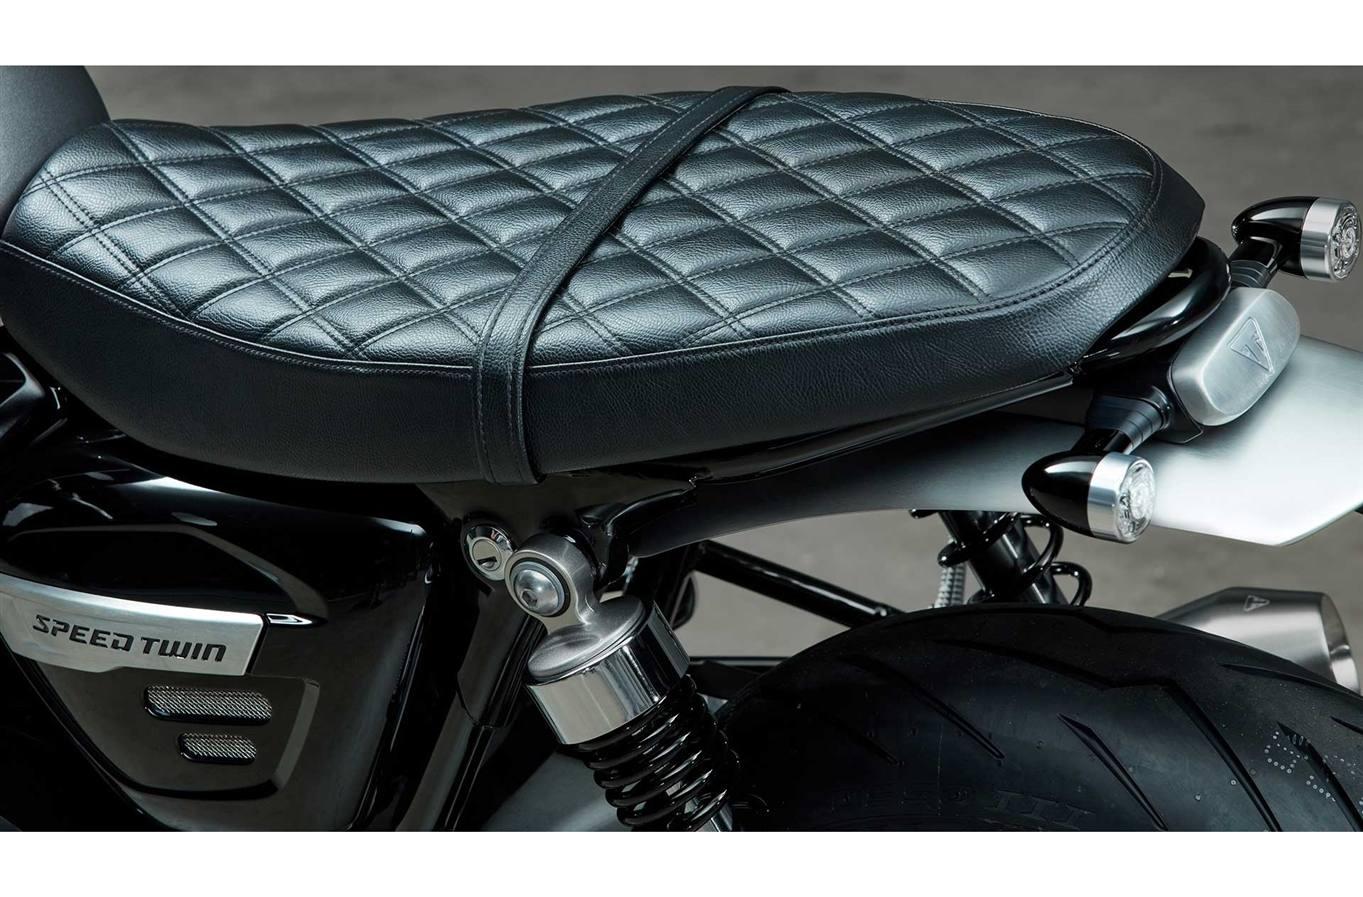 2020 Triumph Speed Twin Two Tone For Sale In Westshore Bc Imc Victoria Victoria Bc 250 474 2088